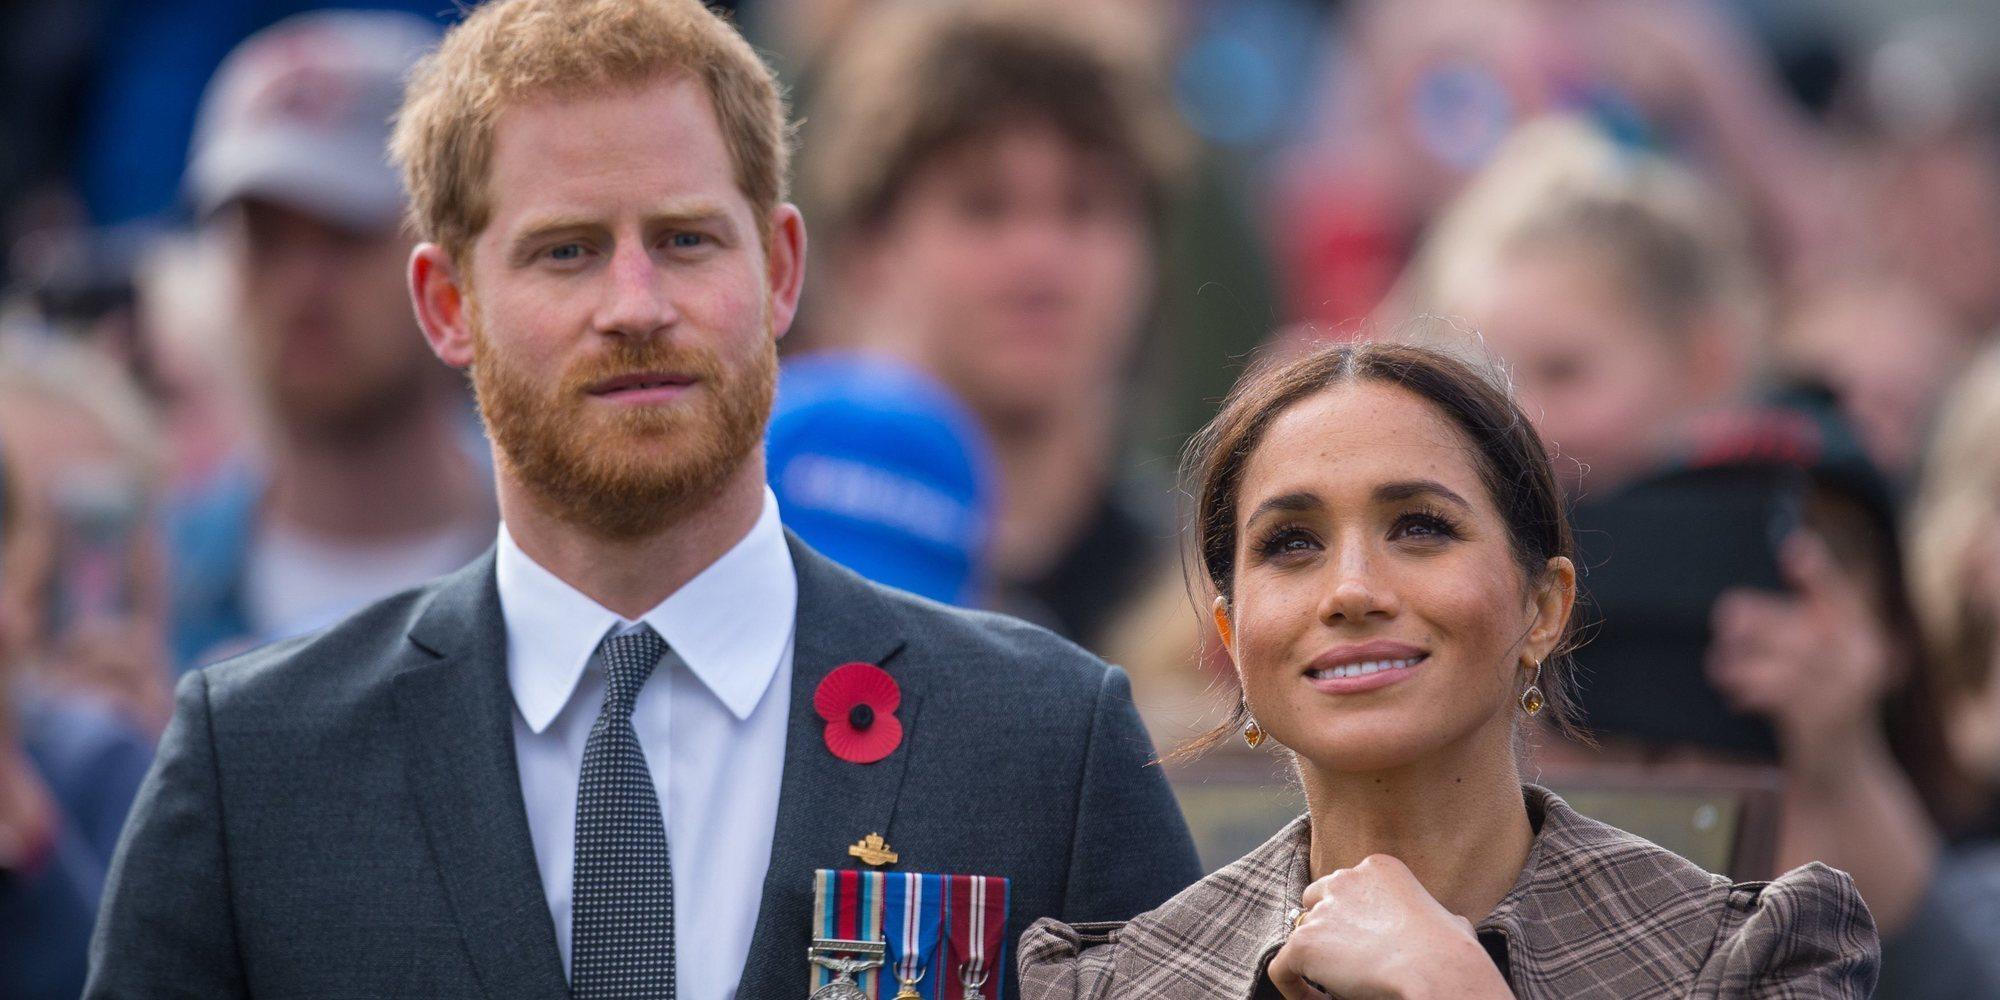 Las contradicciones entre el Príncipe Harry y Meghan Markle y la Casa Real Británica con Lilibet Diana